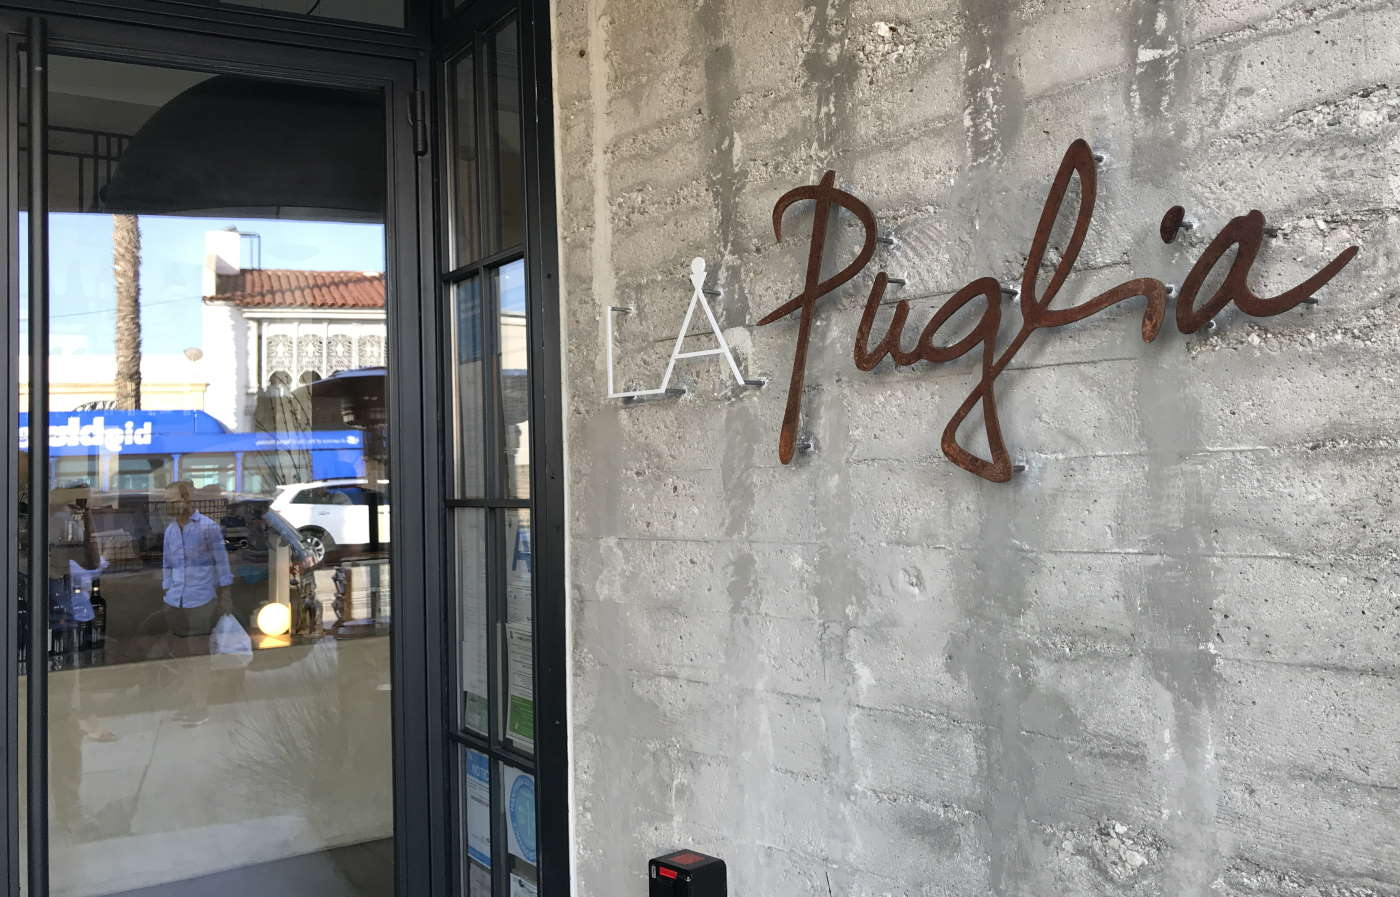 La Puglica restaurant in Santa Monica